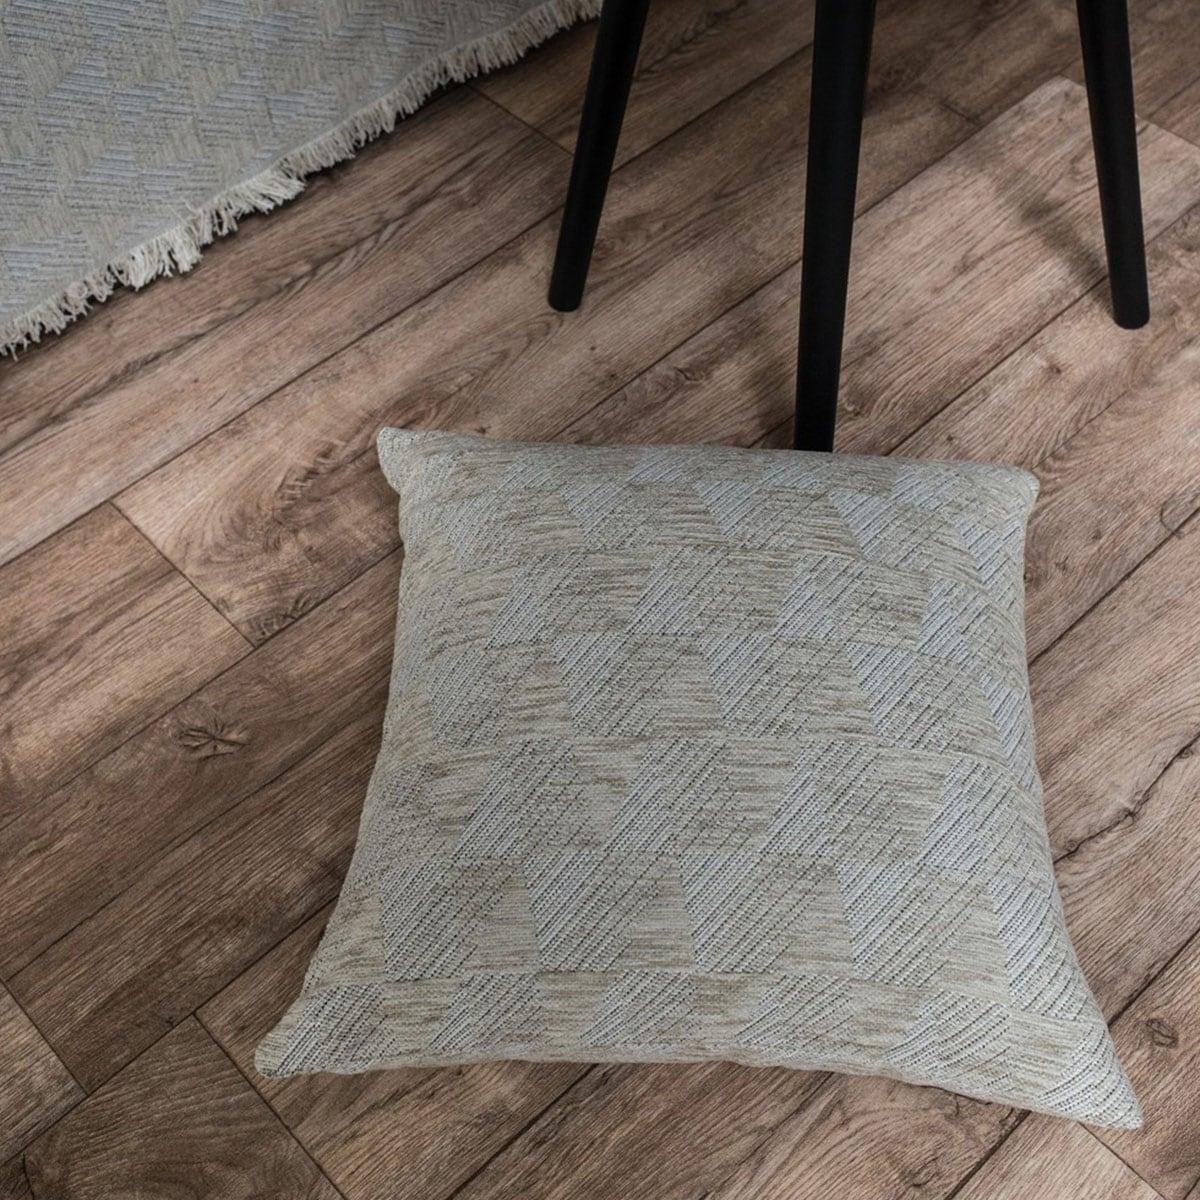 Μαξιλάρι Διακοσμητικό (Με Γέμιση) Memphis 07 Sand Teoran 45X45 Ακρυλικό-Polyester